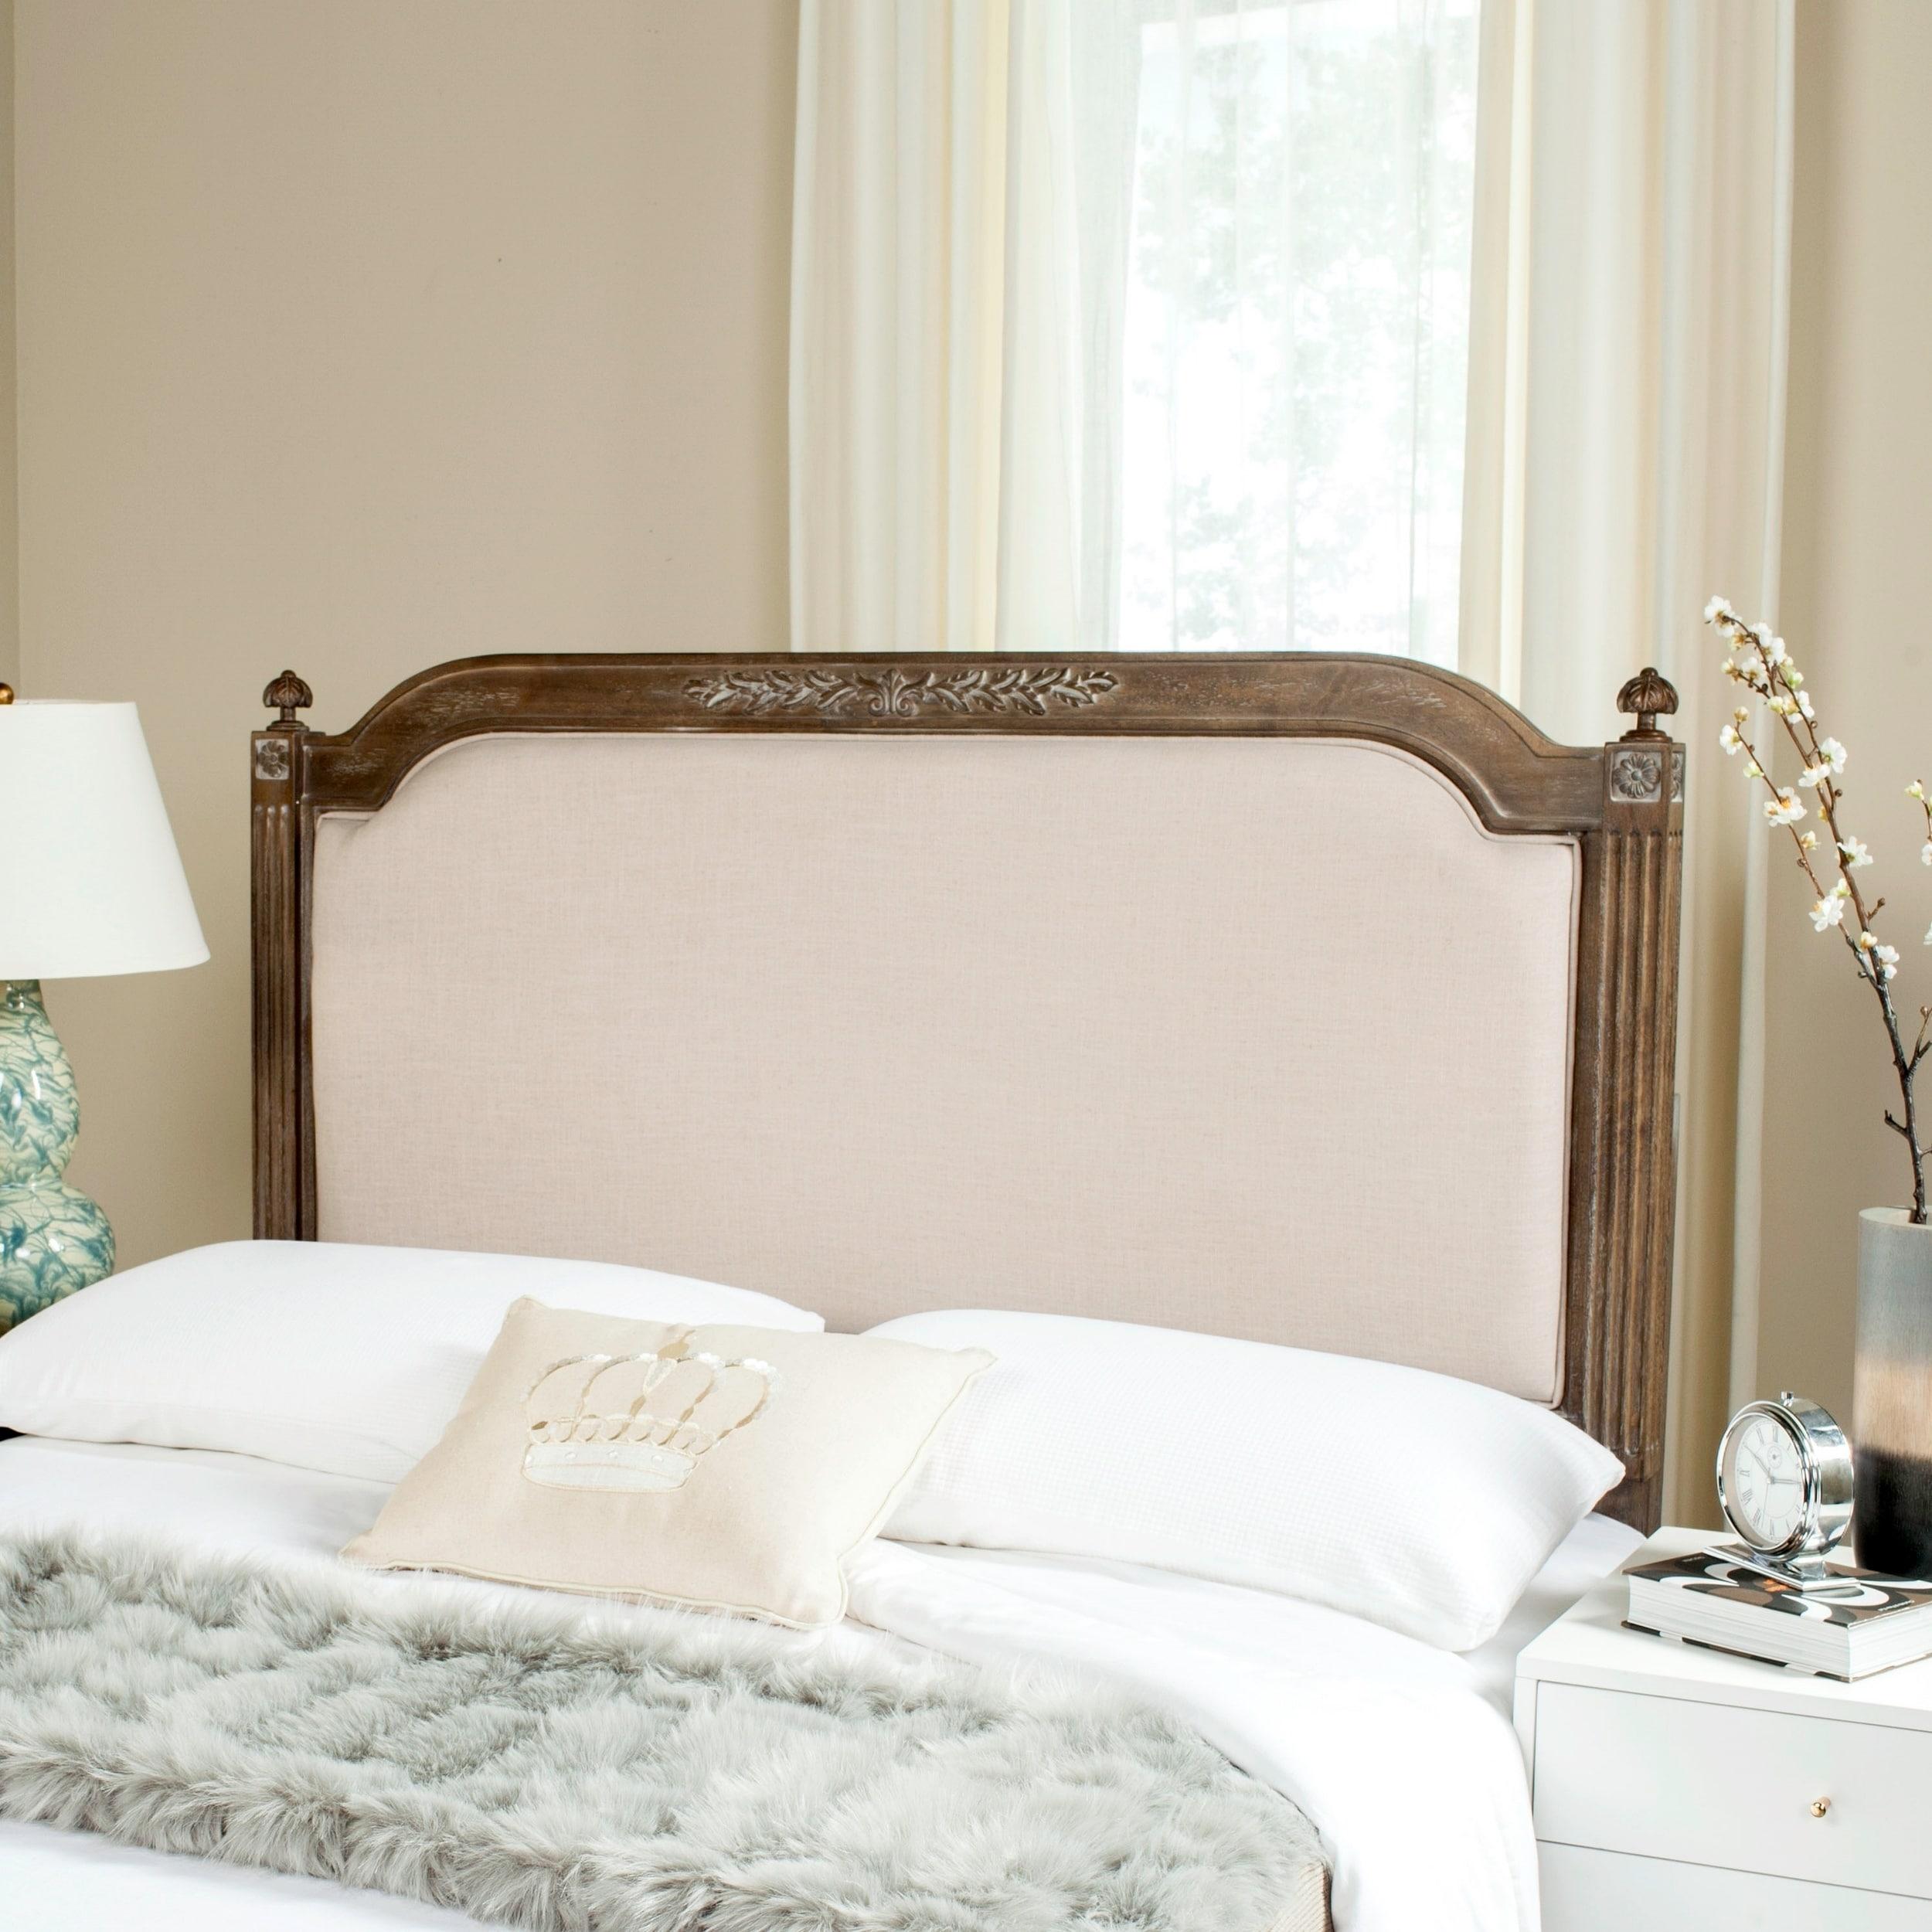 Safavieh Bedding Rustic Wood Beige Linen Queen Headboard   Beige / Rustic  Oak